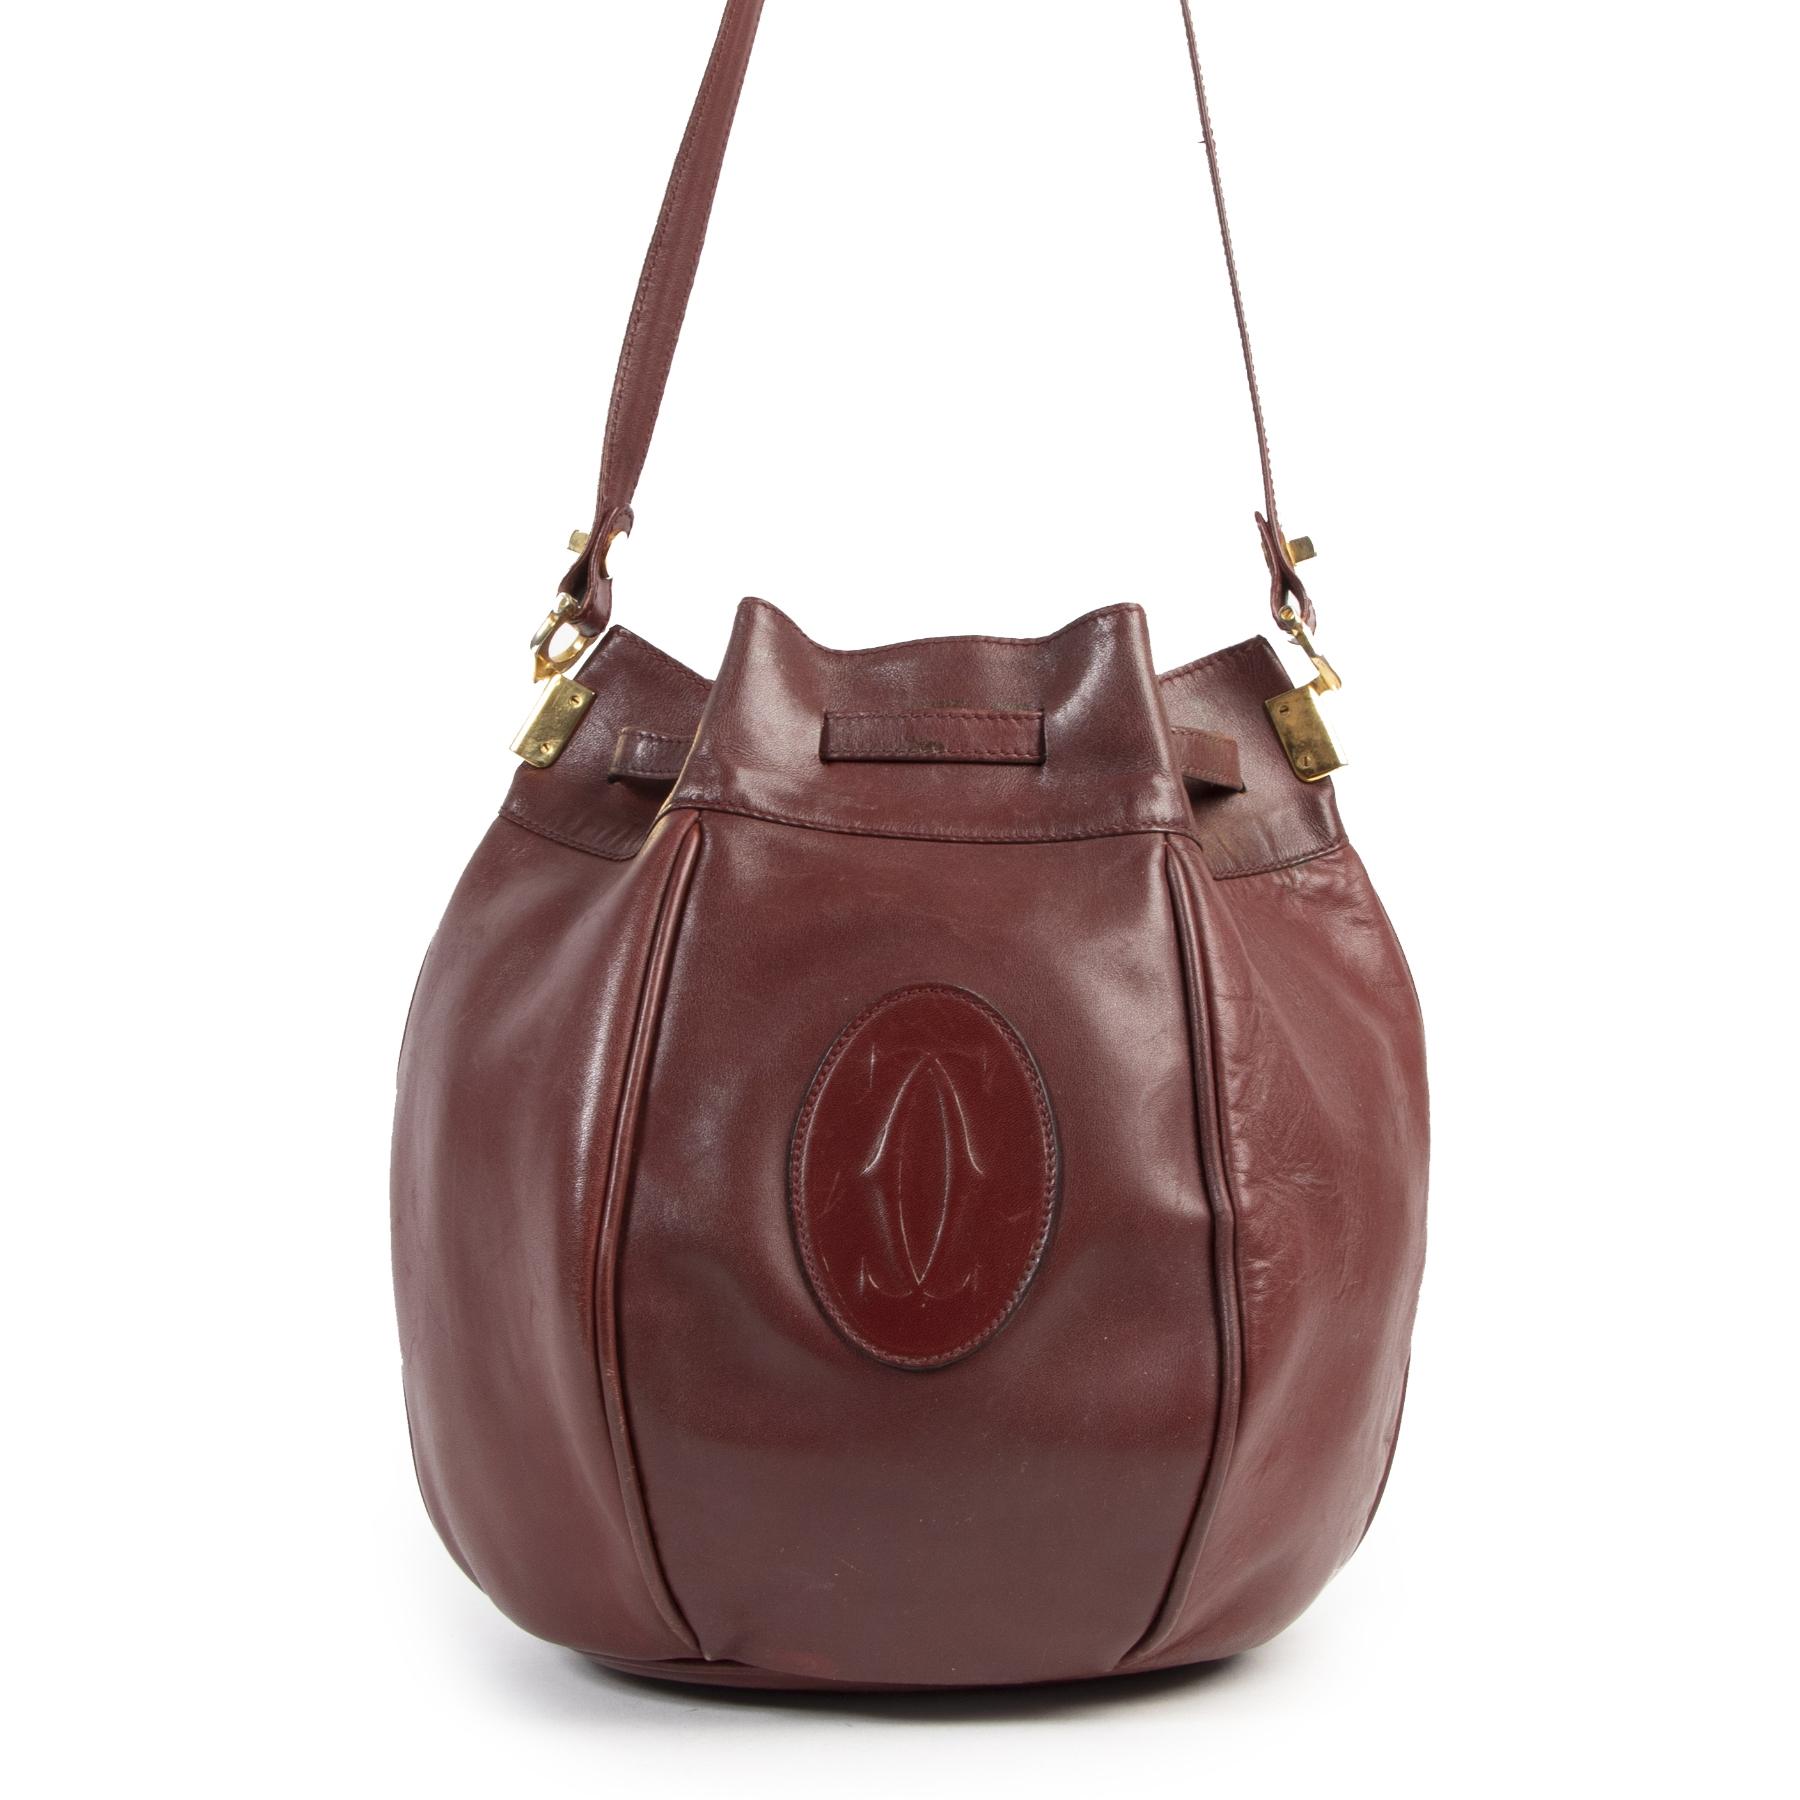 Authentieke Tweedehands Cartier Must De Cartier Burgundy Bucket Bag juiste prijs veilig online shoppen luxe merken webshop winkelen Antwerpen België mode fashion